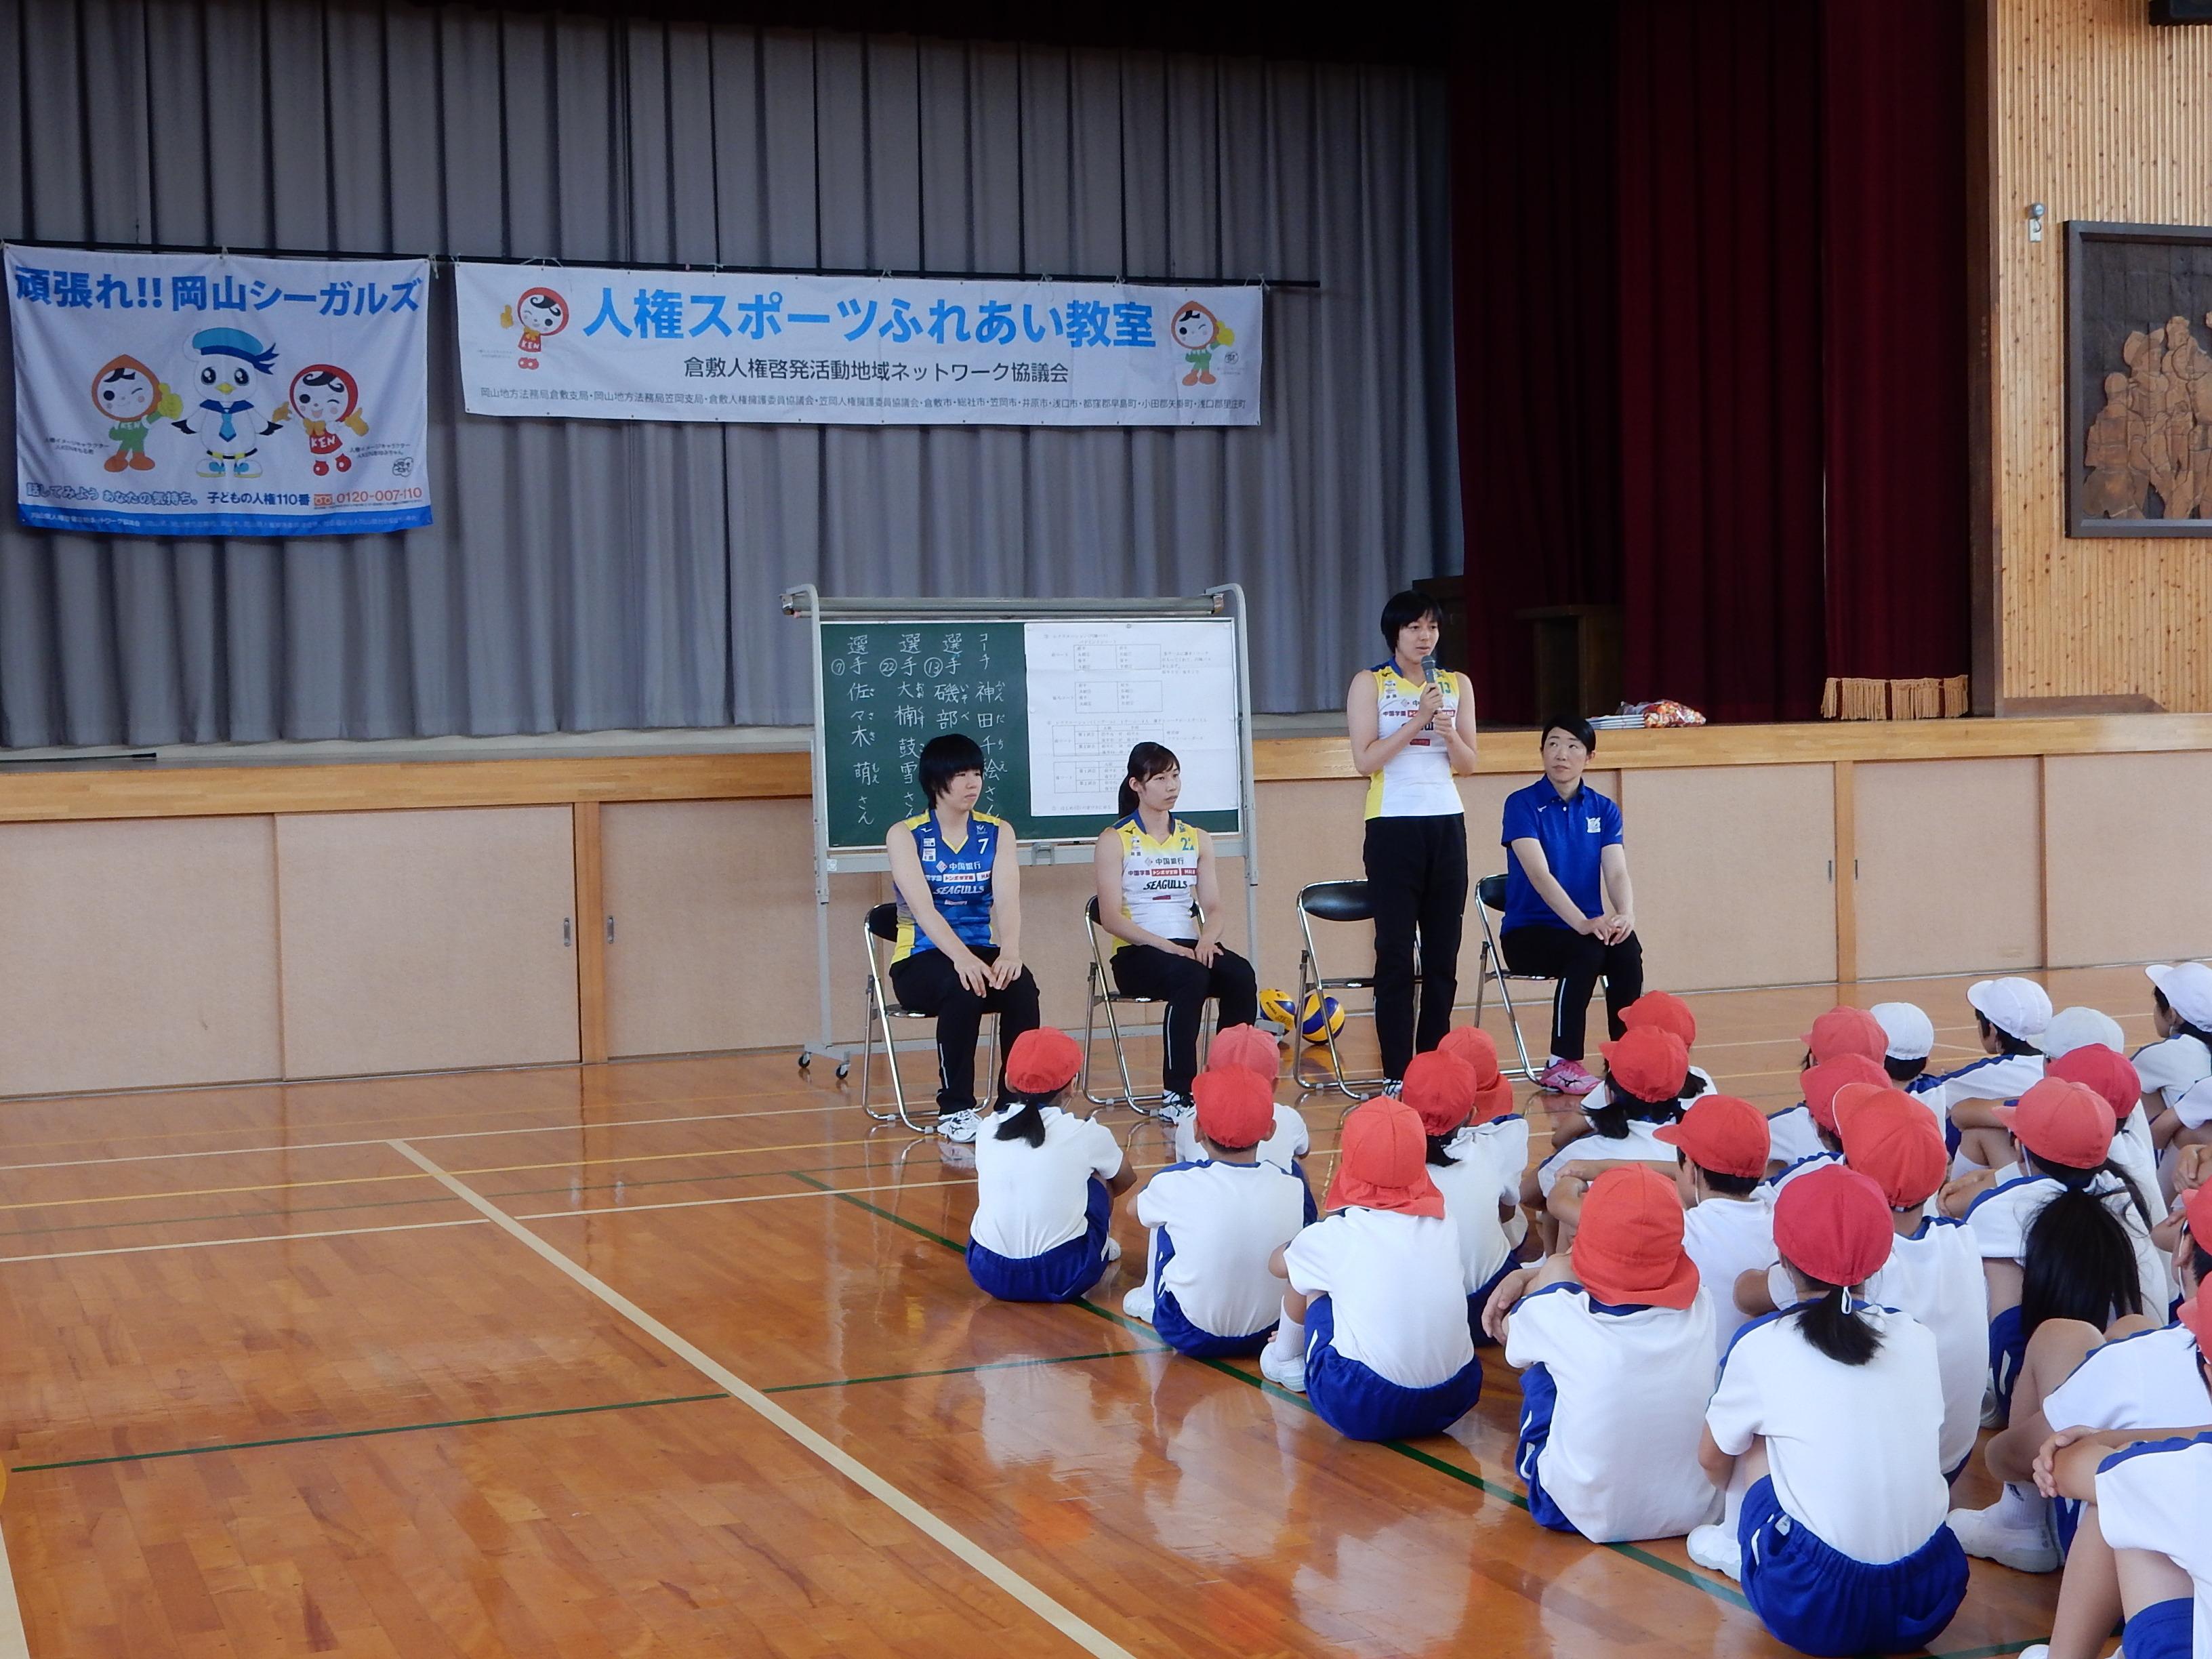 ☆DSCN4691.JPG